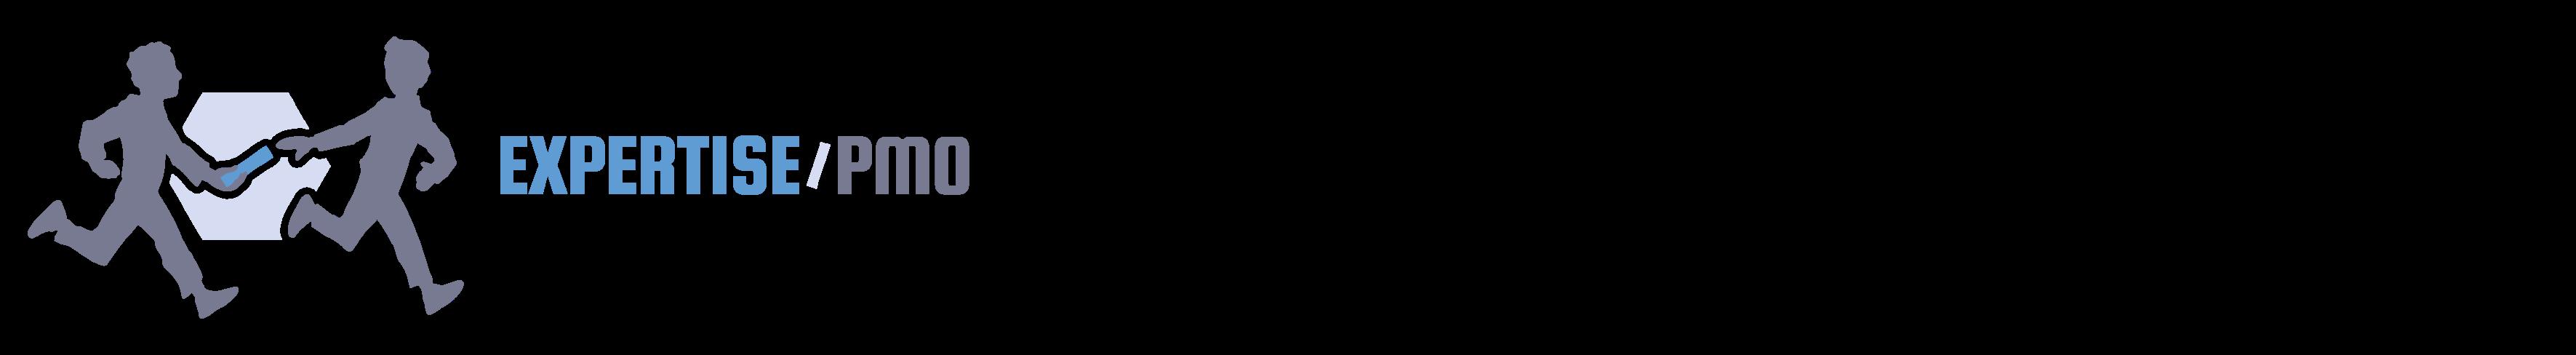 Expertise PMO Logo